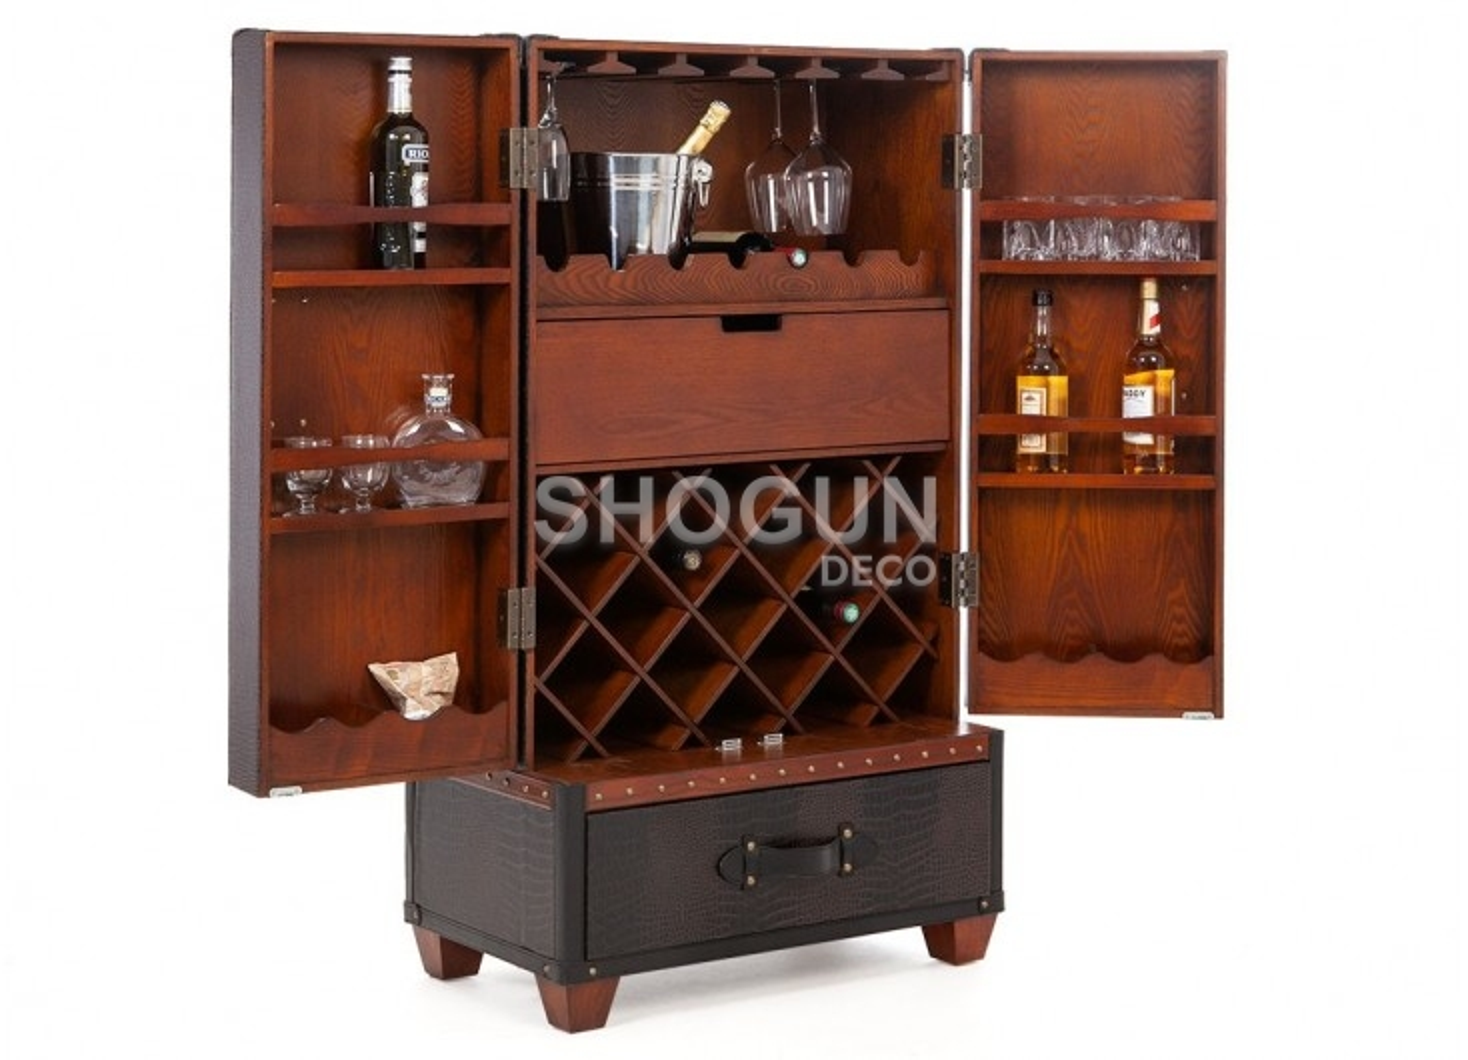 Meuble bar / malle à vins et liqueurs Cap Horn - Façon croco marron